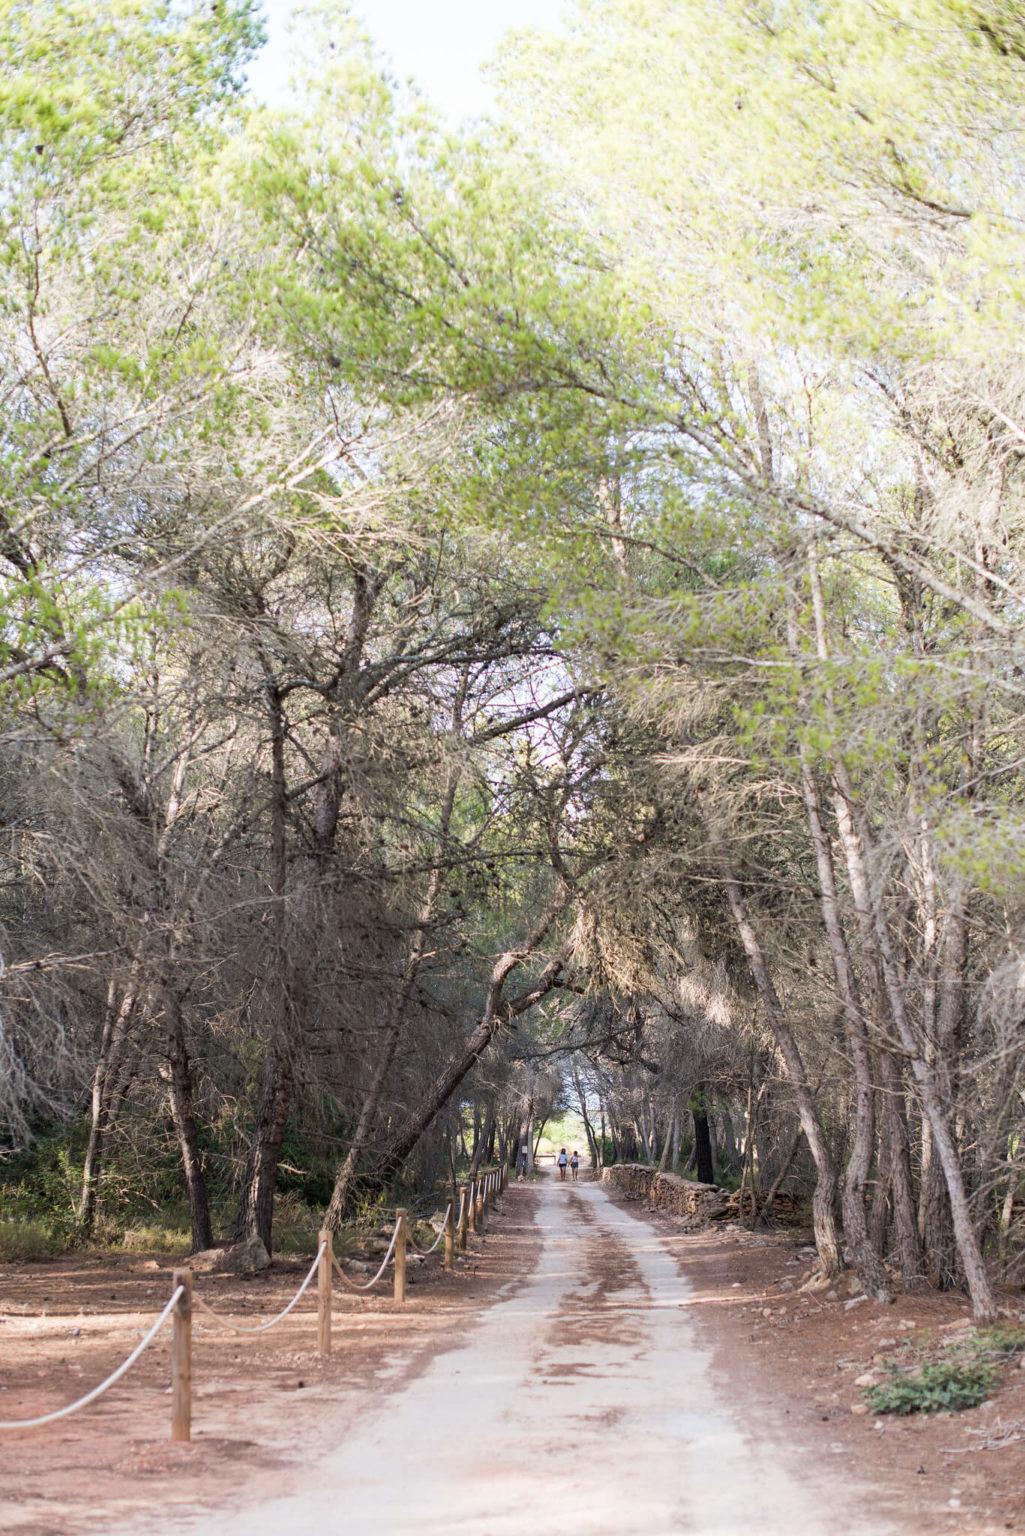 https://www.white-ibiza.com/wp-content/uploads/2020/03/formentera-bike-trails-2020-05-1025x1536.jpg